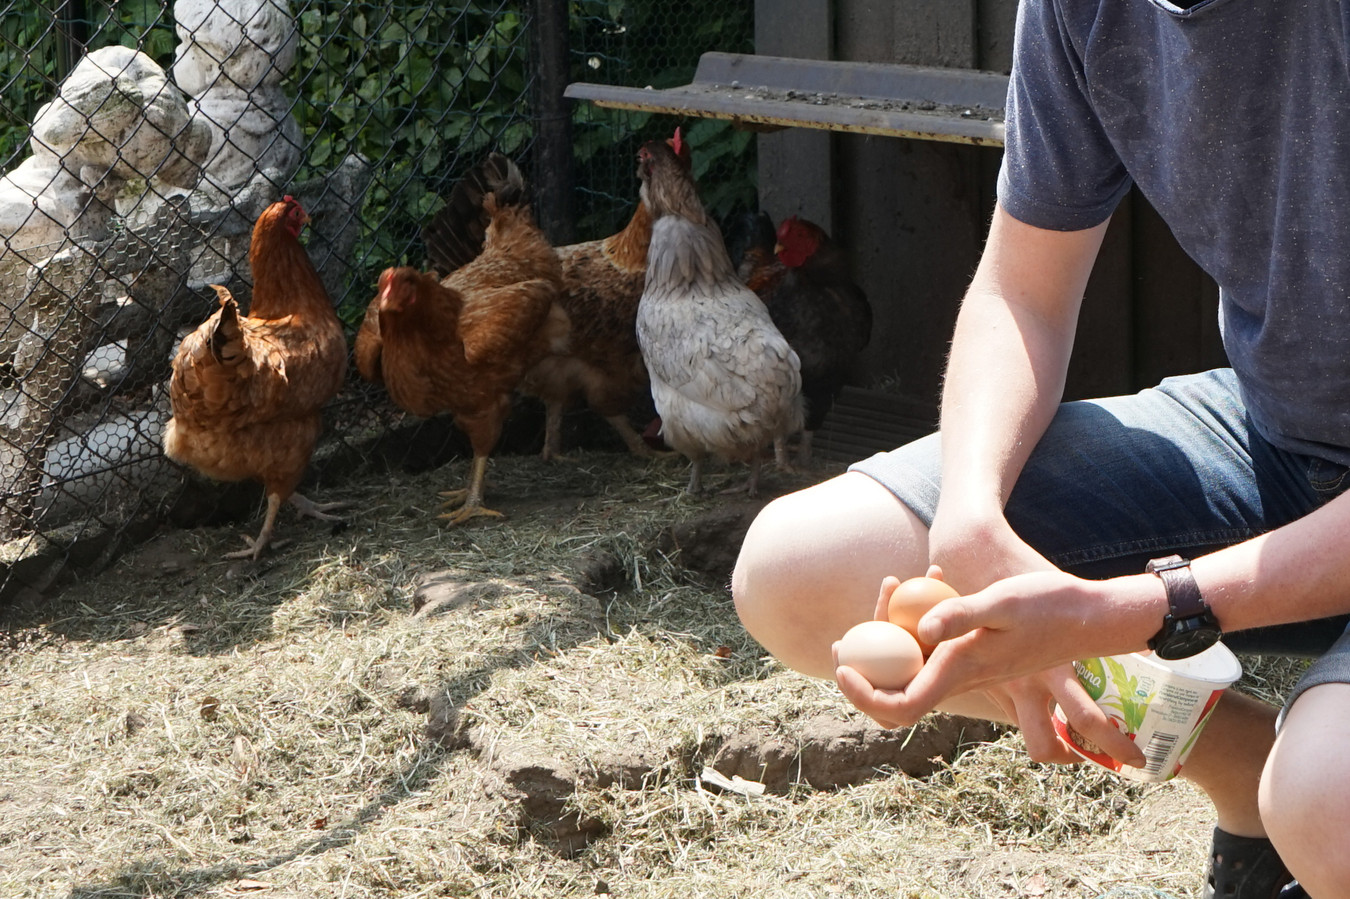 Eieren eten van eigen kippen zou schadelijk kunnen zijn binnen een straal van tien kilometer van de PFOS-vervuiling in Zwijndrecht.